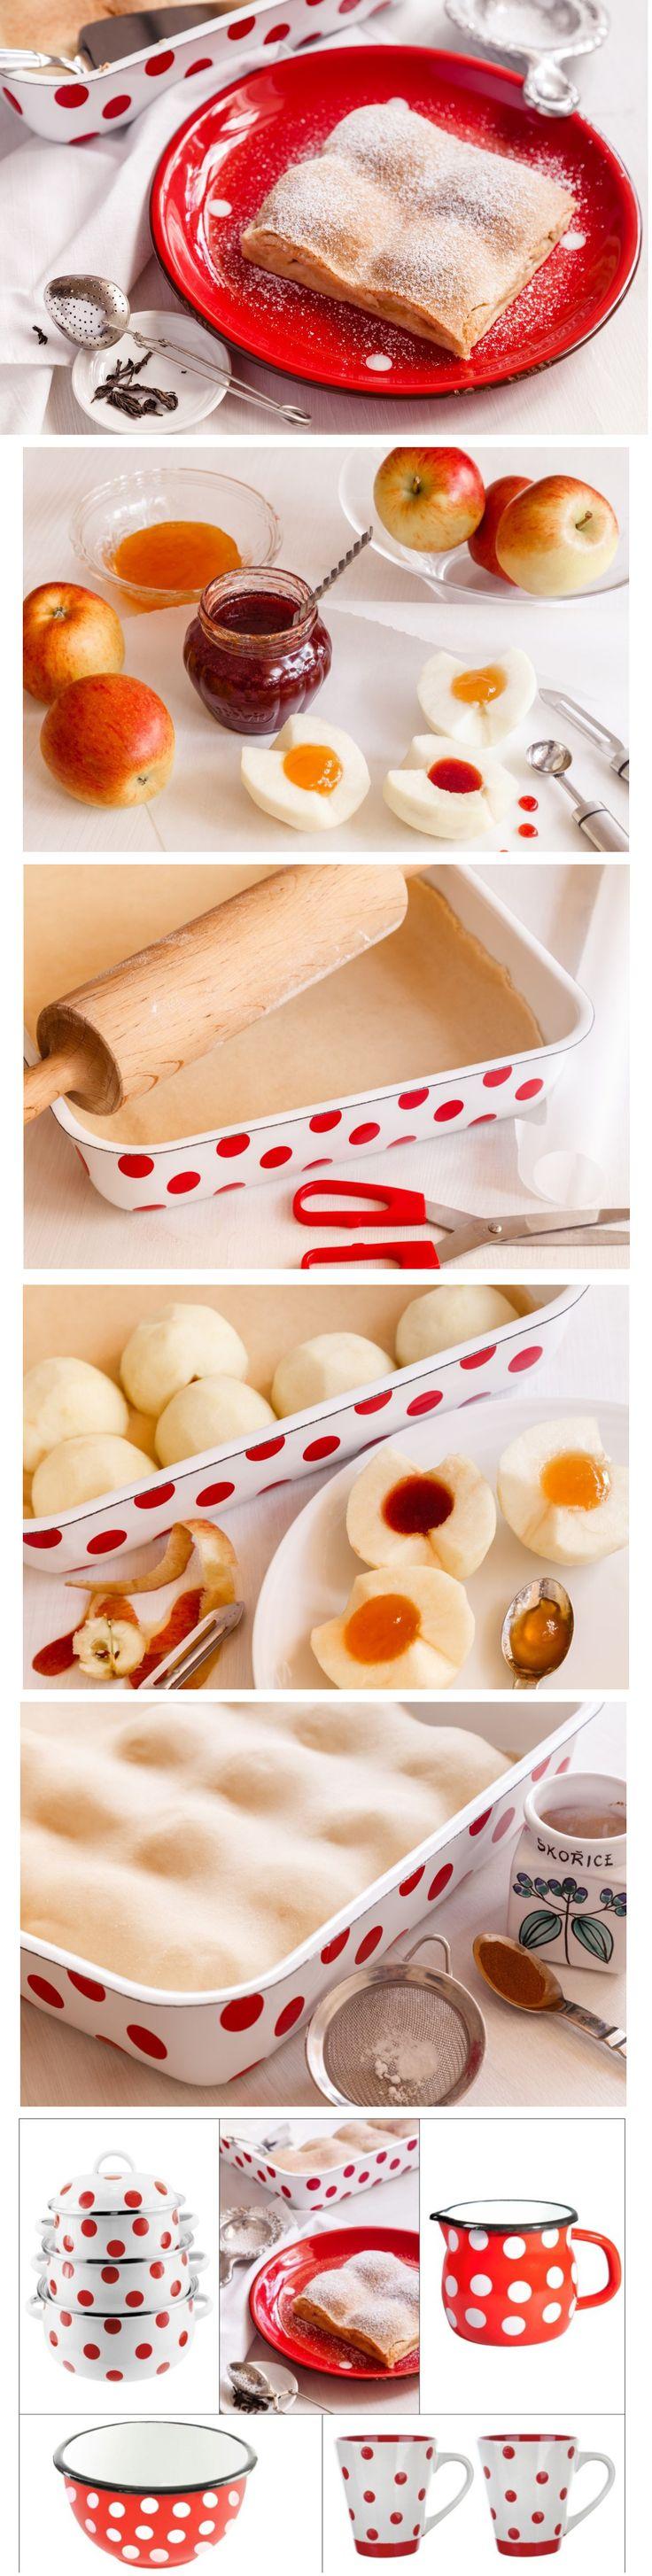 Každý, kdo miluje štrůdly a ostatní jablečné moučníky, ví, že jejich příprava…